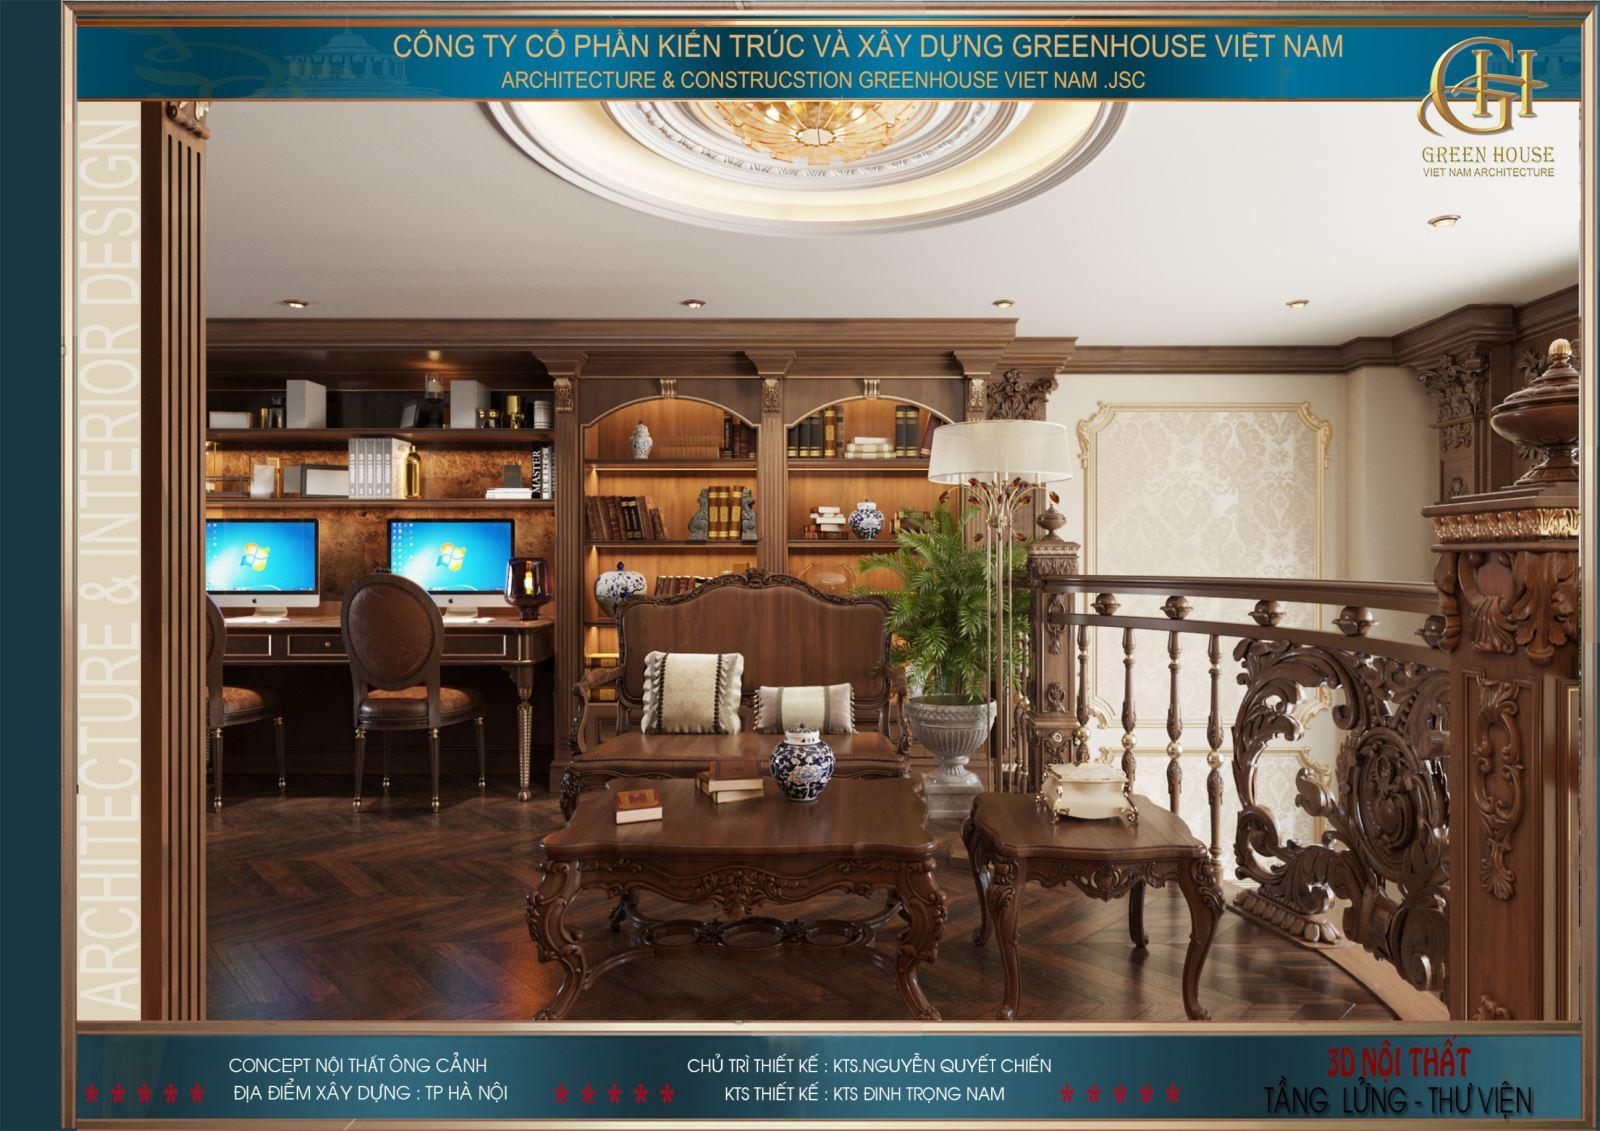 Toàn bộ đồ nội thất kết hợp tạo nên không gian sang trọng